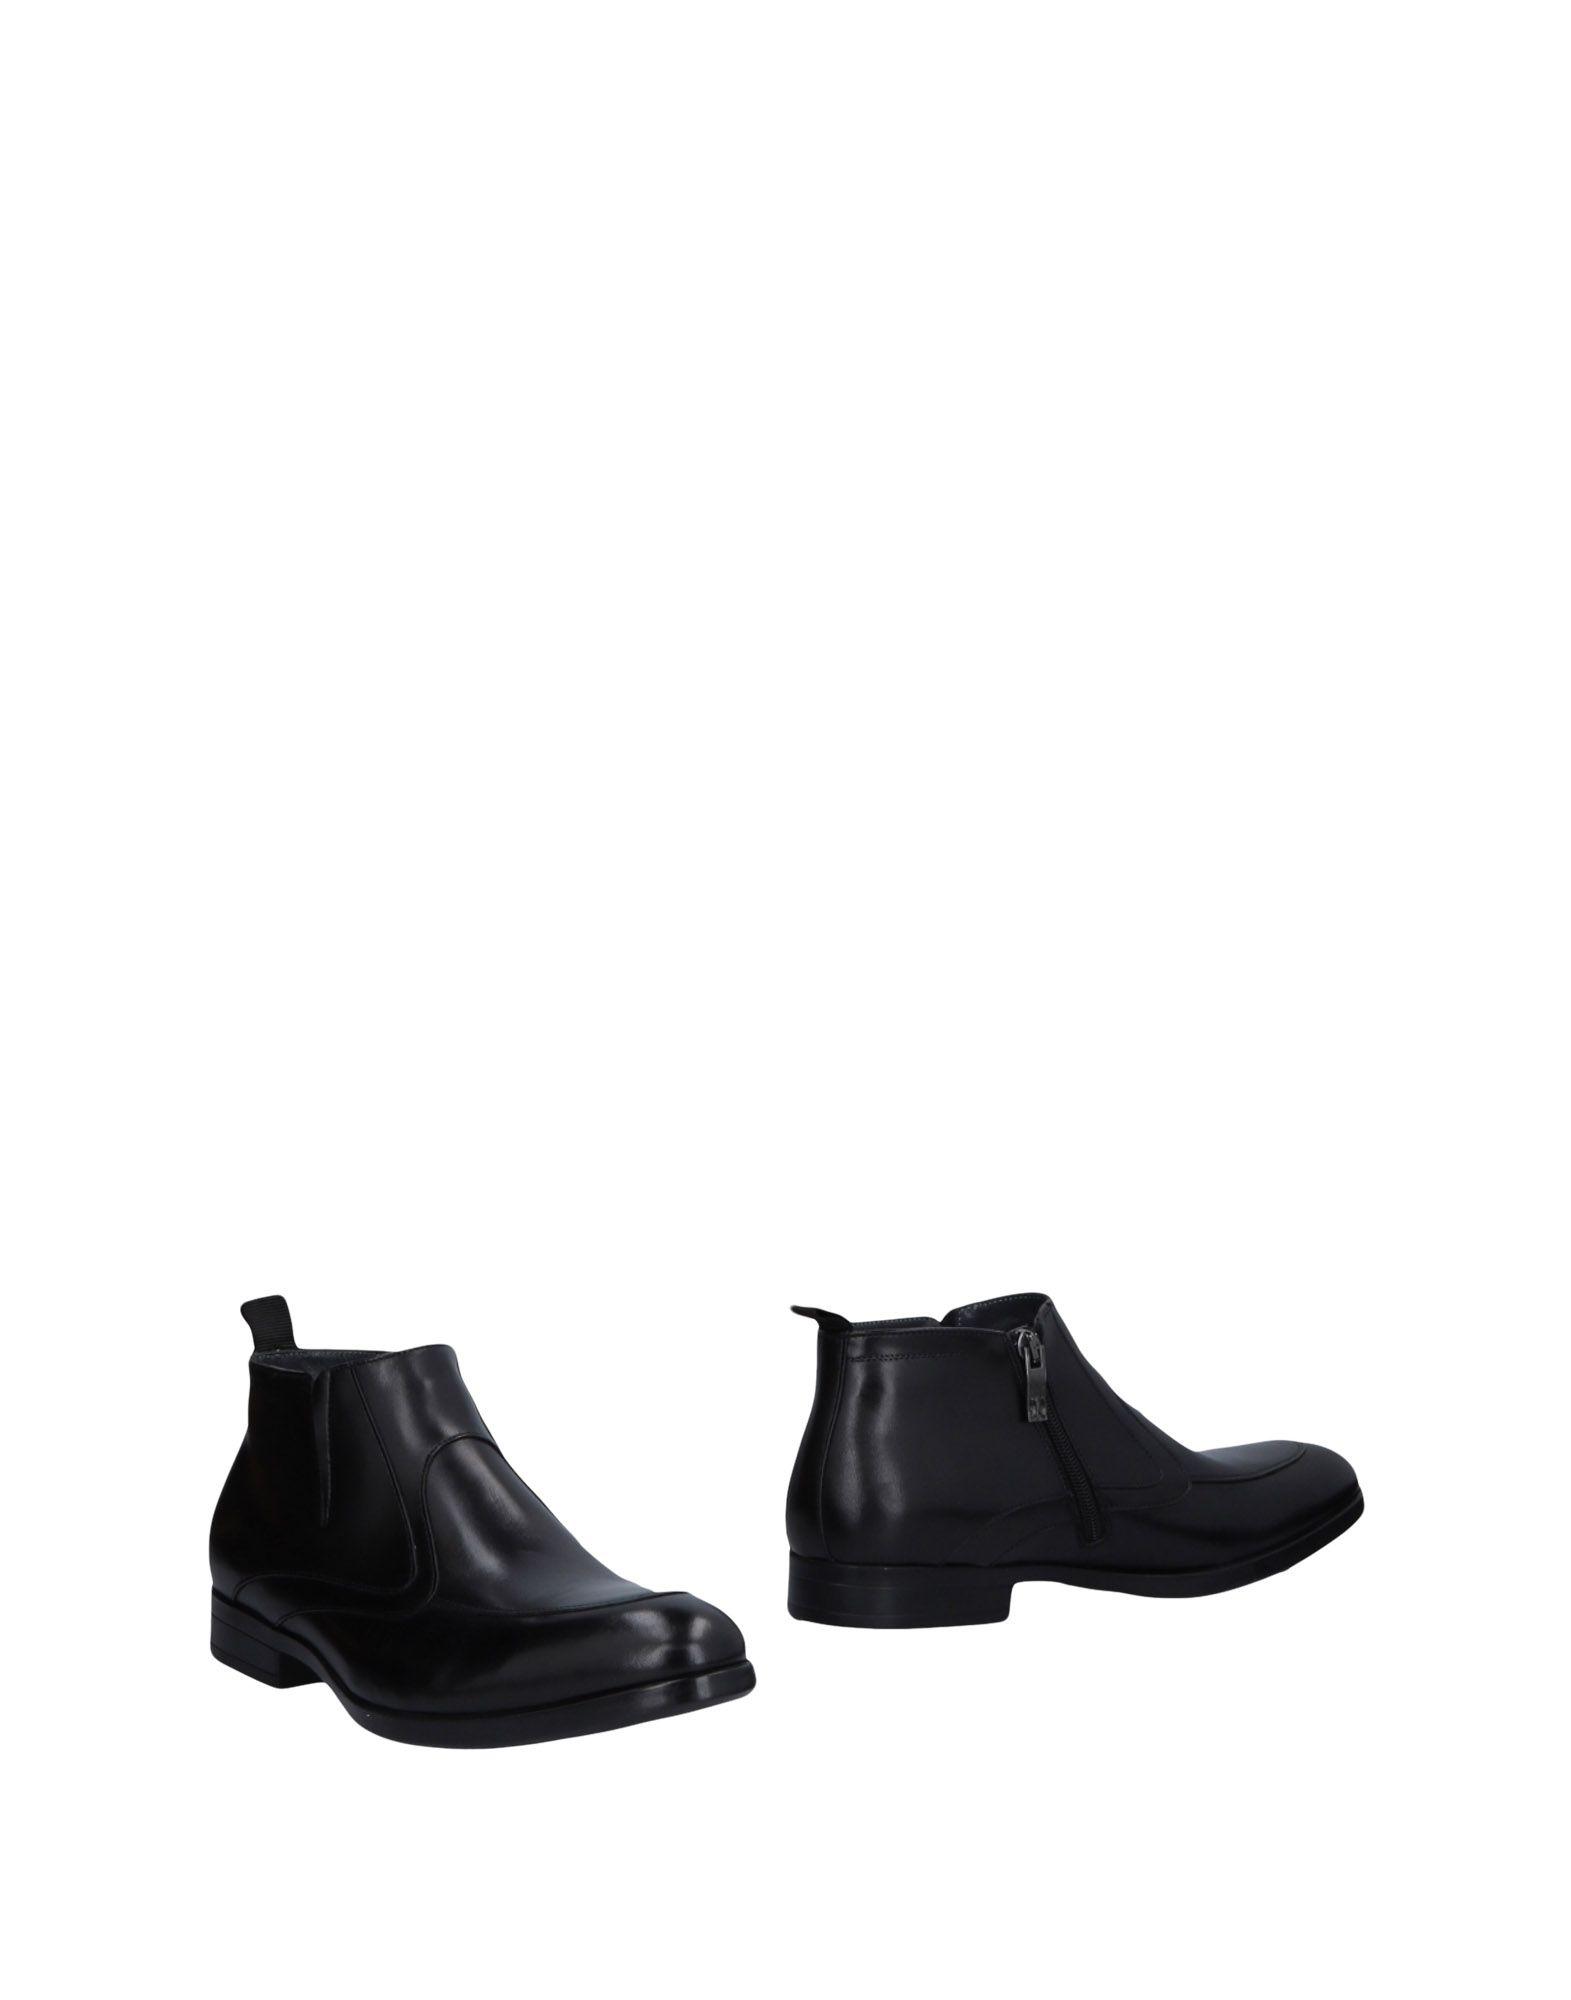 Giovanni Conti Stiefelette Herren  11471622VG Gute Qualität beliebte Schuhe